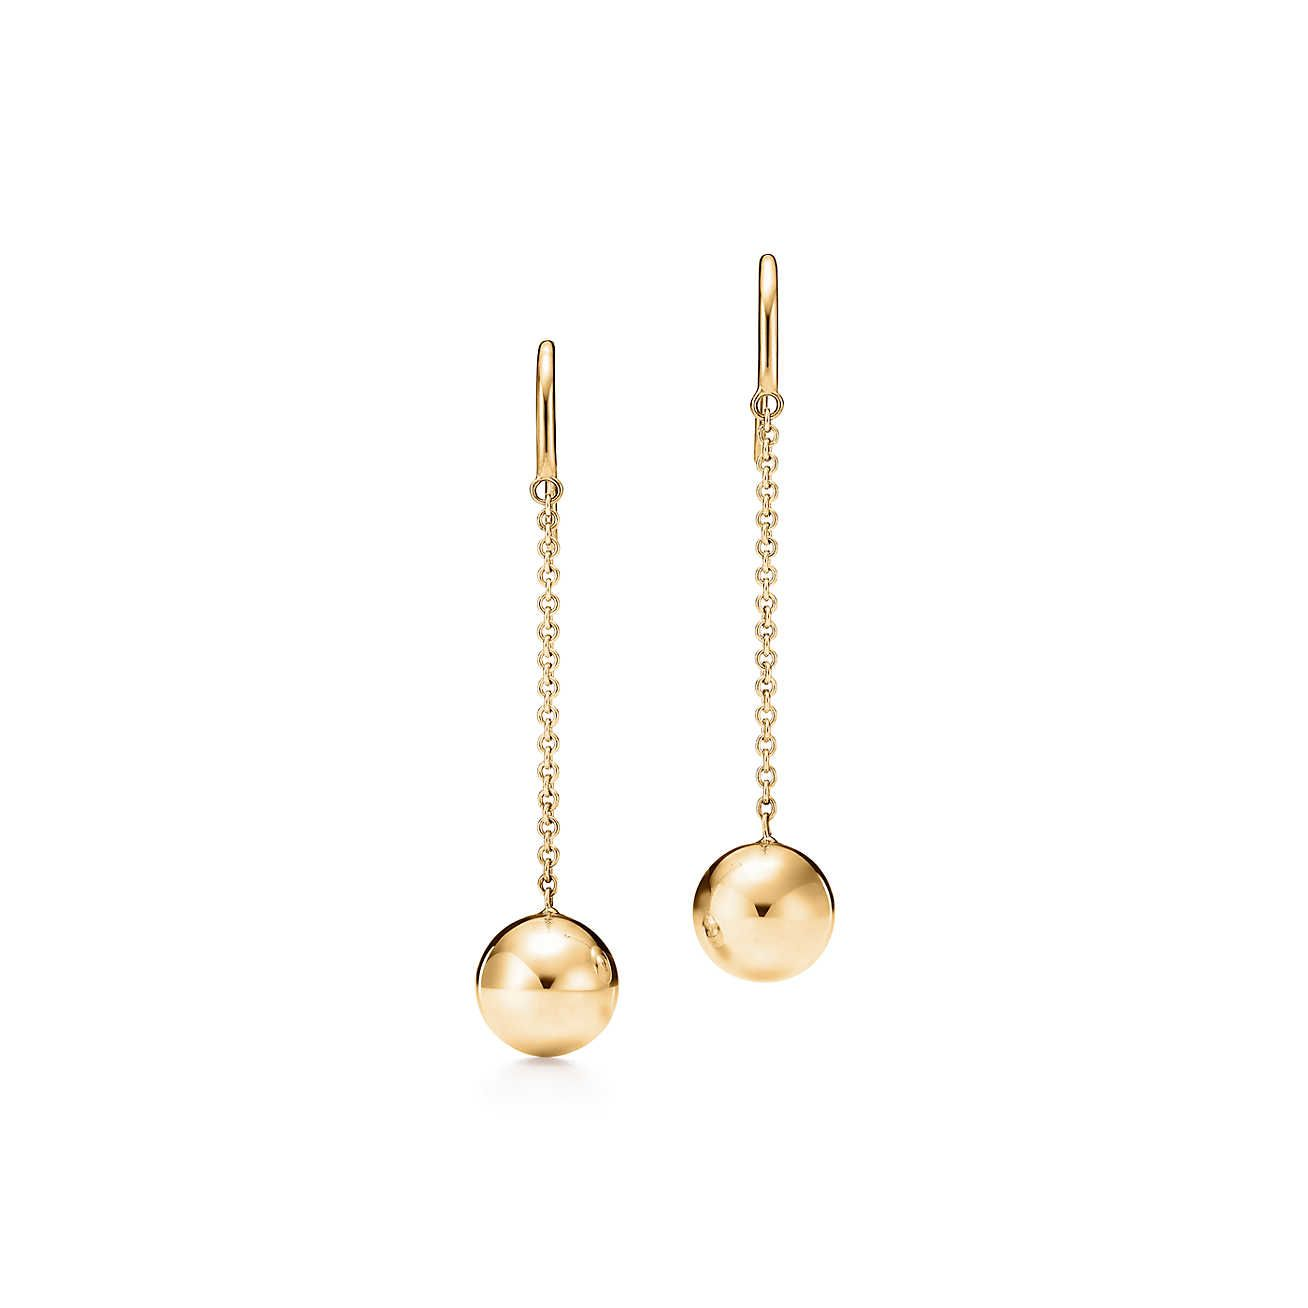 2b61eff7c Ball Hook Earrings | Wish List | Tiffany earrings, Chain earrings ...